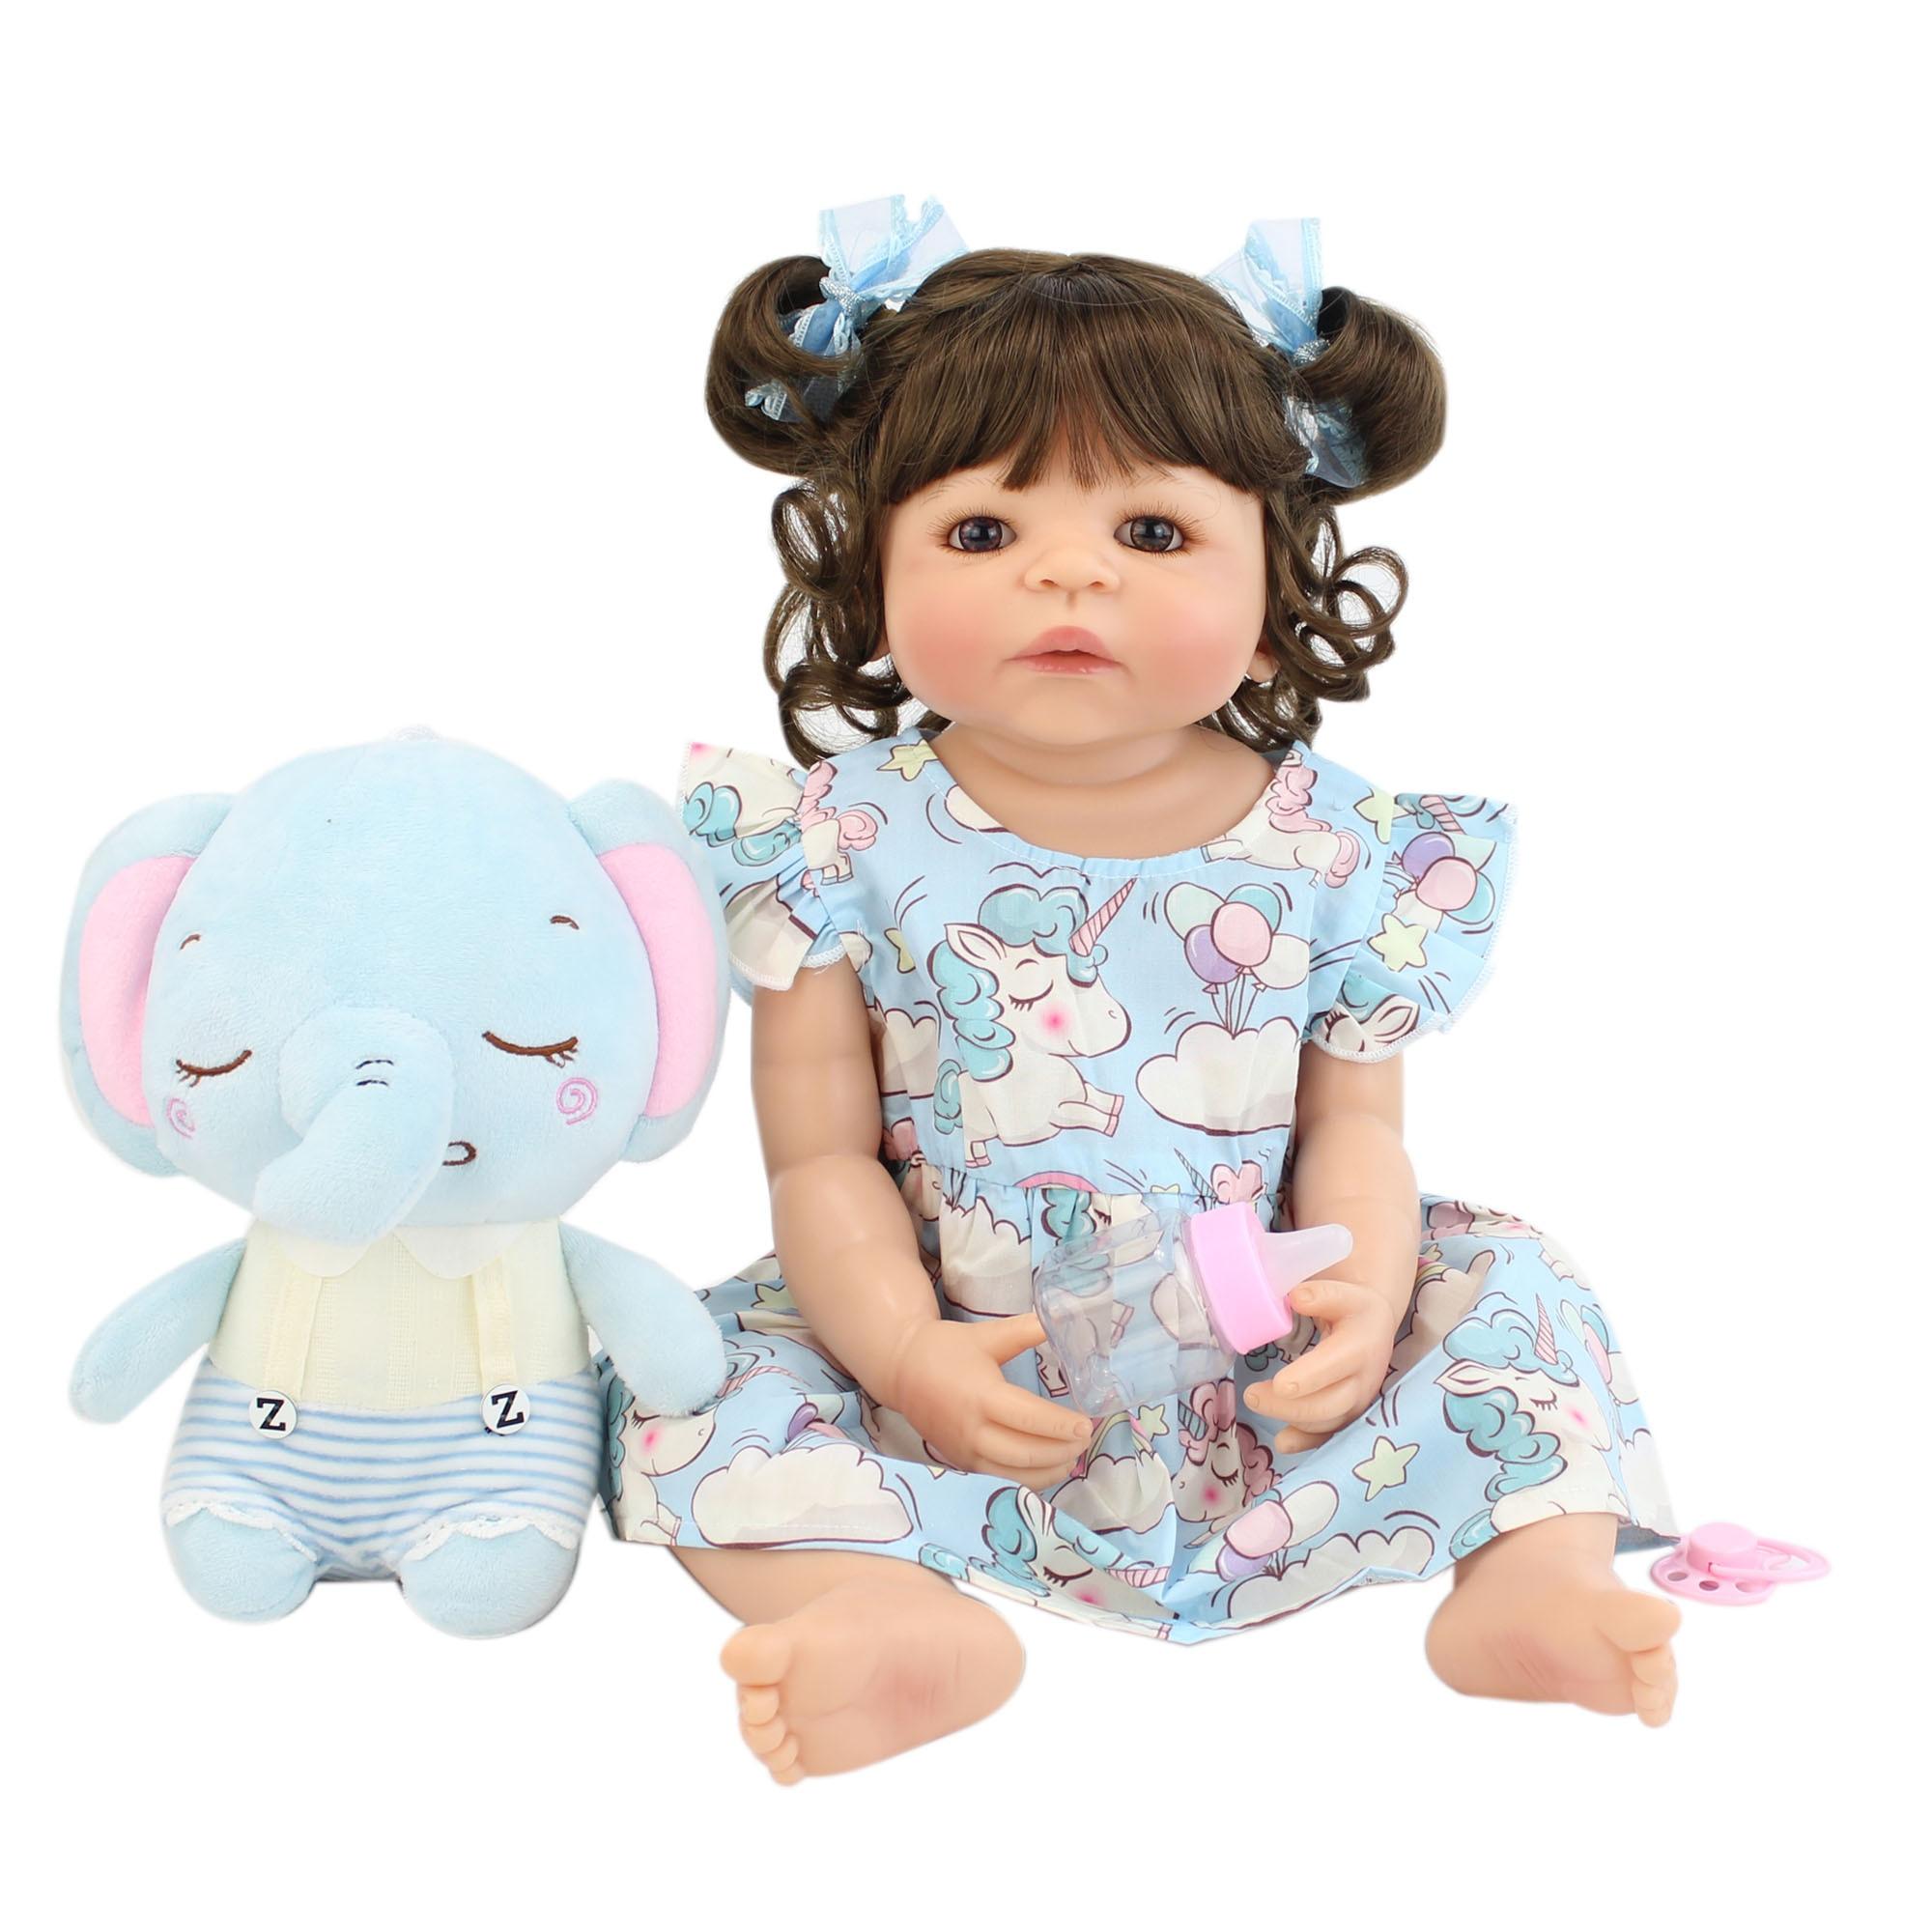 Muñeca Reborn de cuerpo de vinilo de 55cm para niña, juguete de bebé para recién nacidos, Princesa, baño, regalo de cumpleaños